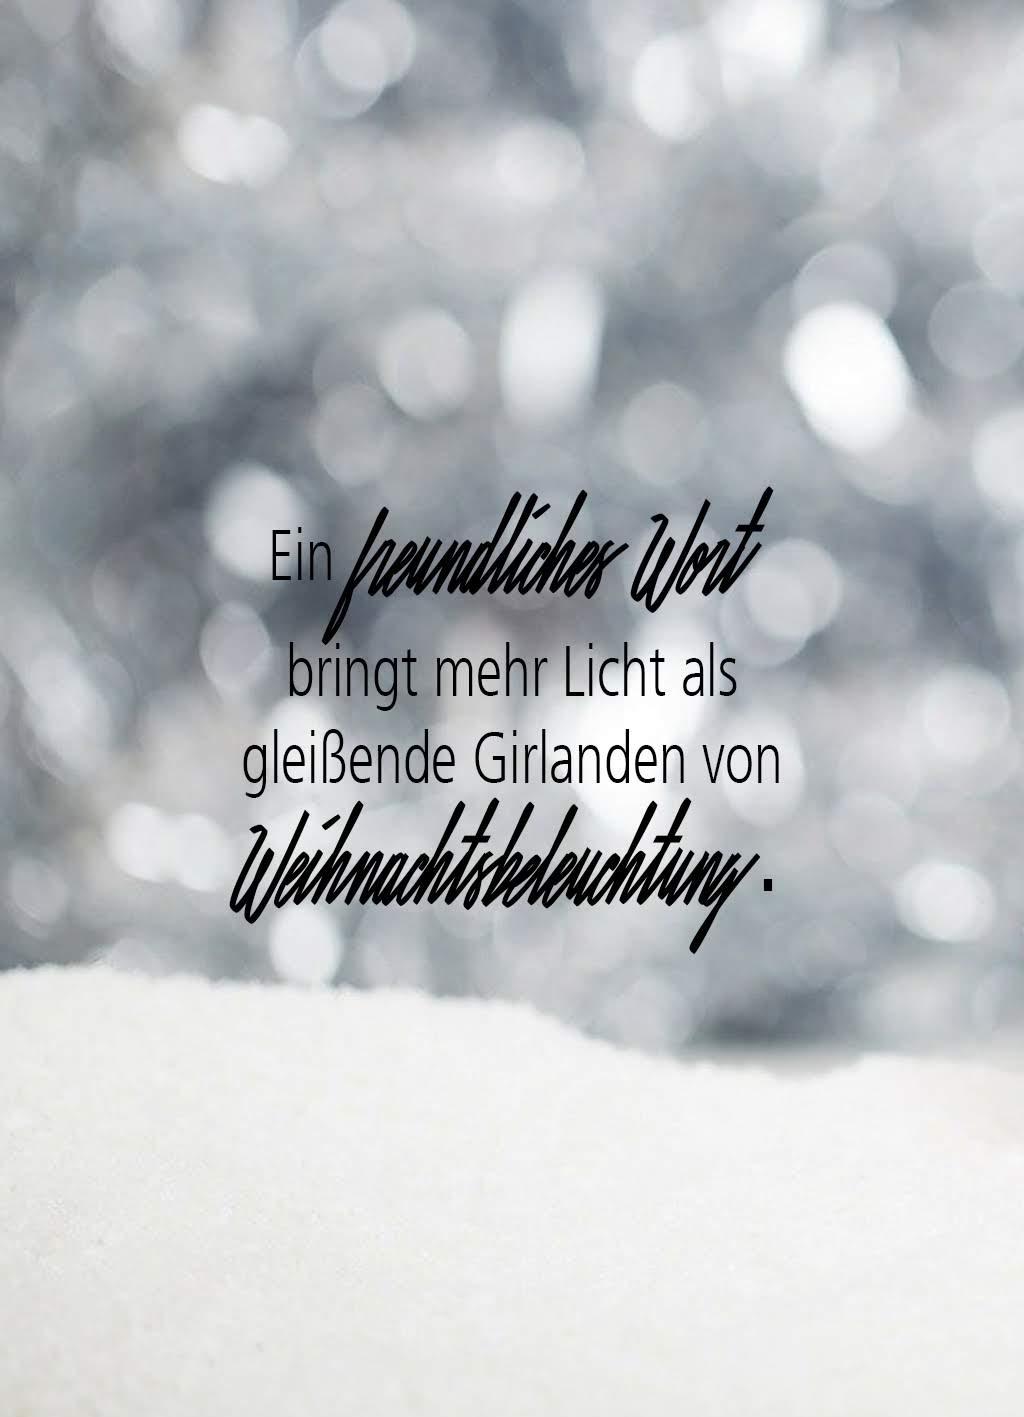 Quote of the day | Ein freundliches Wort brint mehr Licht als gleissende Girlanden von Weihnachtsbeleuchtung